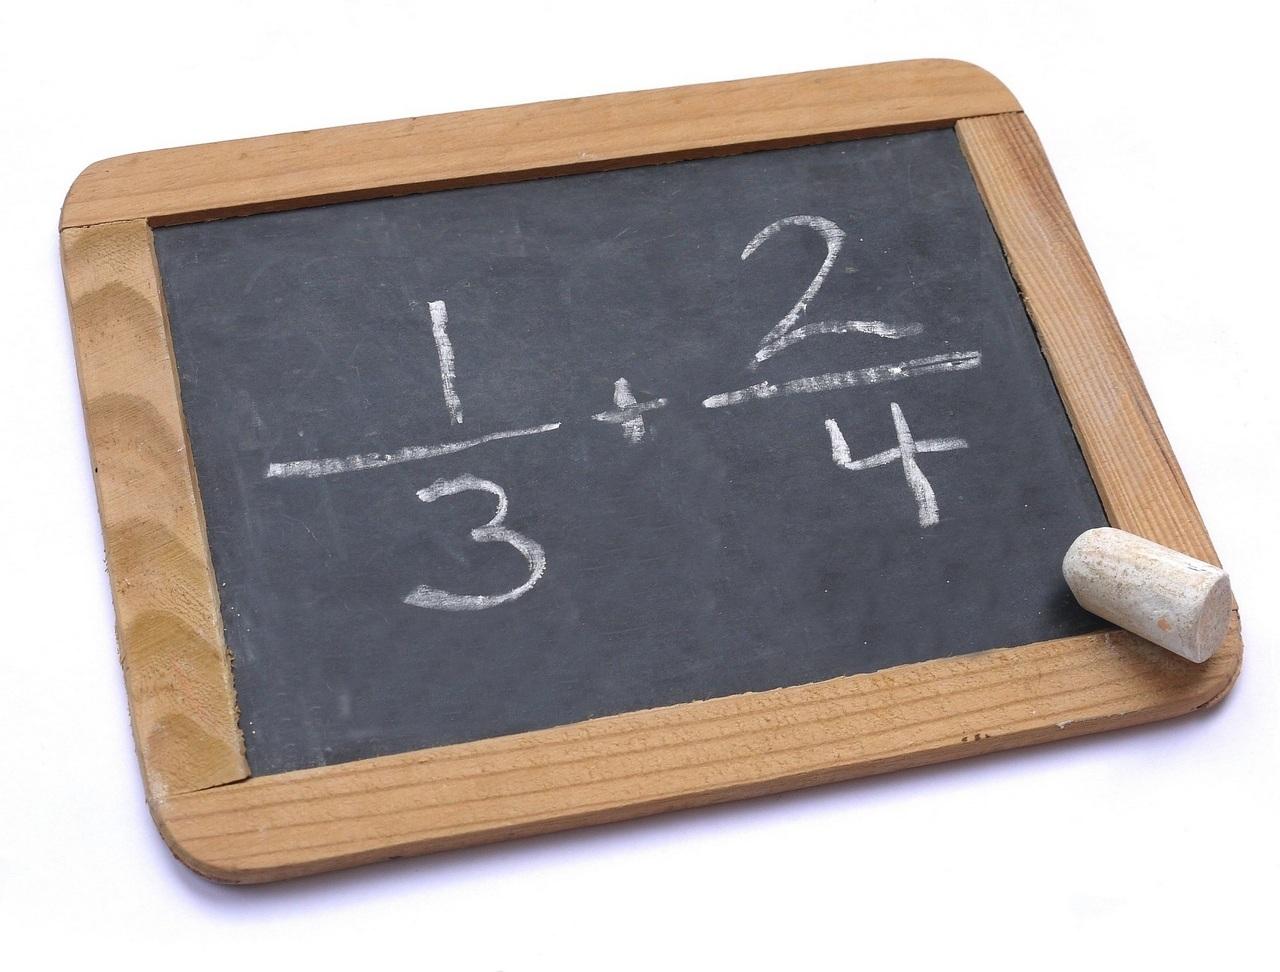 Apprivoisez les Fractions avec le nouveaux tome des Maths Apprivoisées